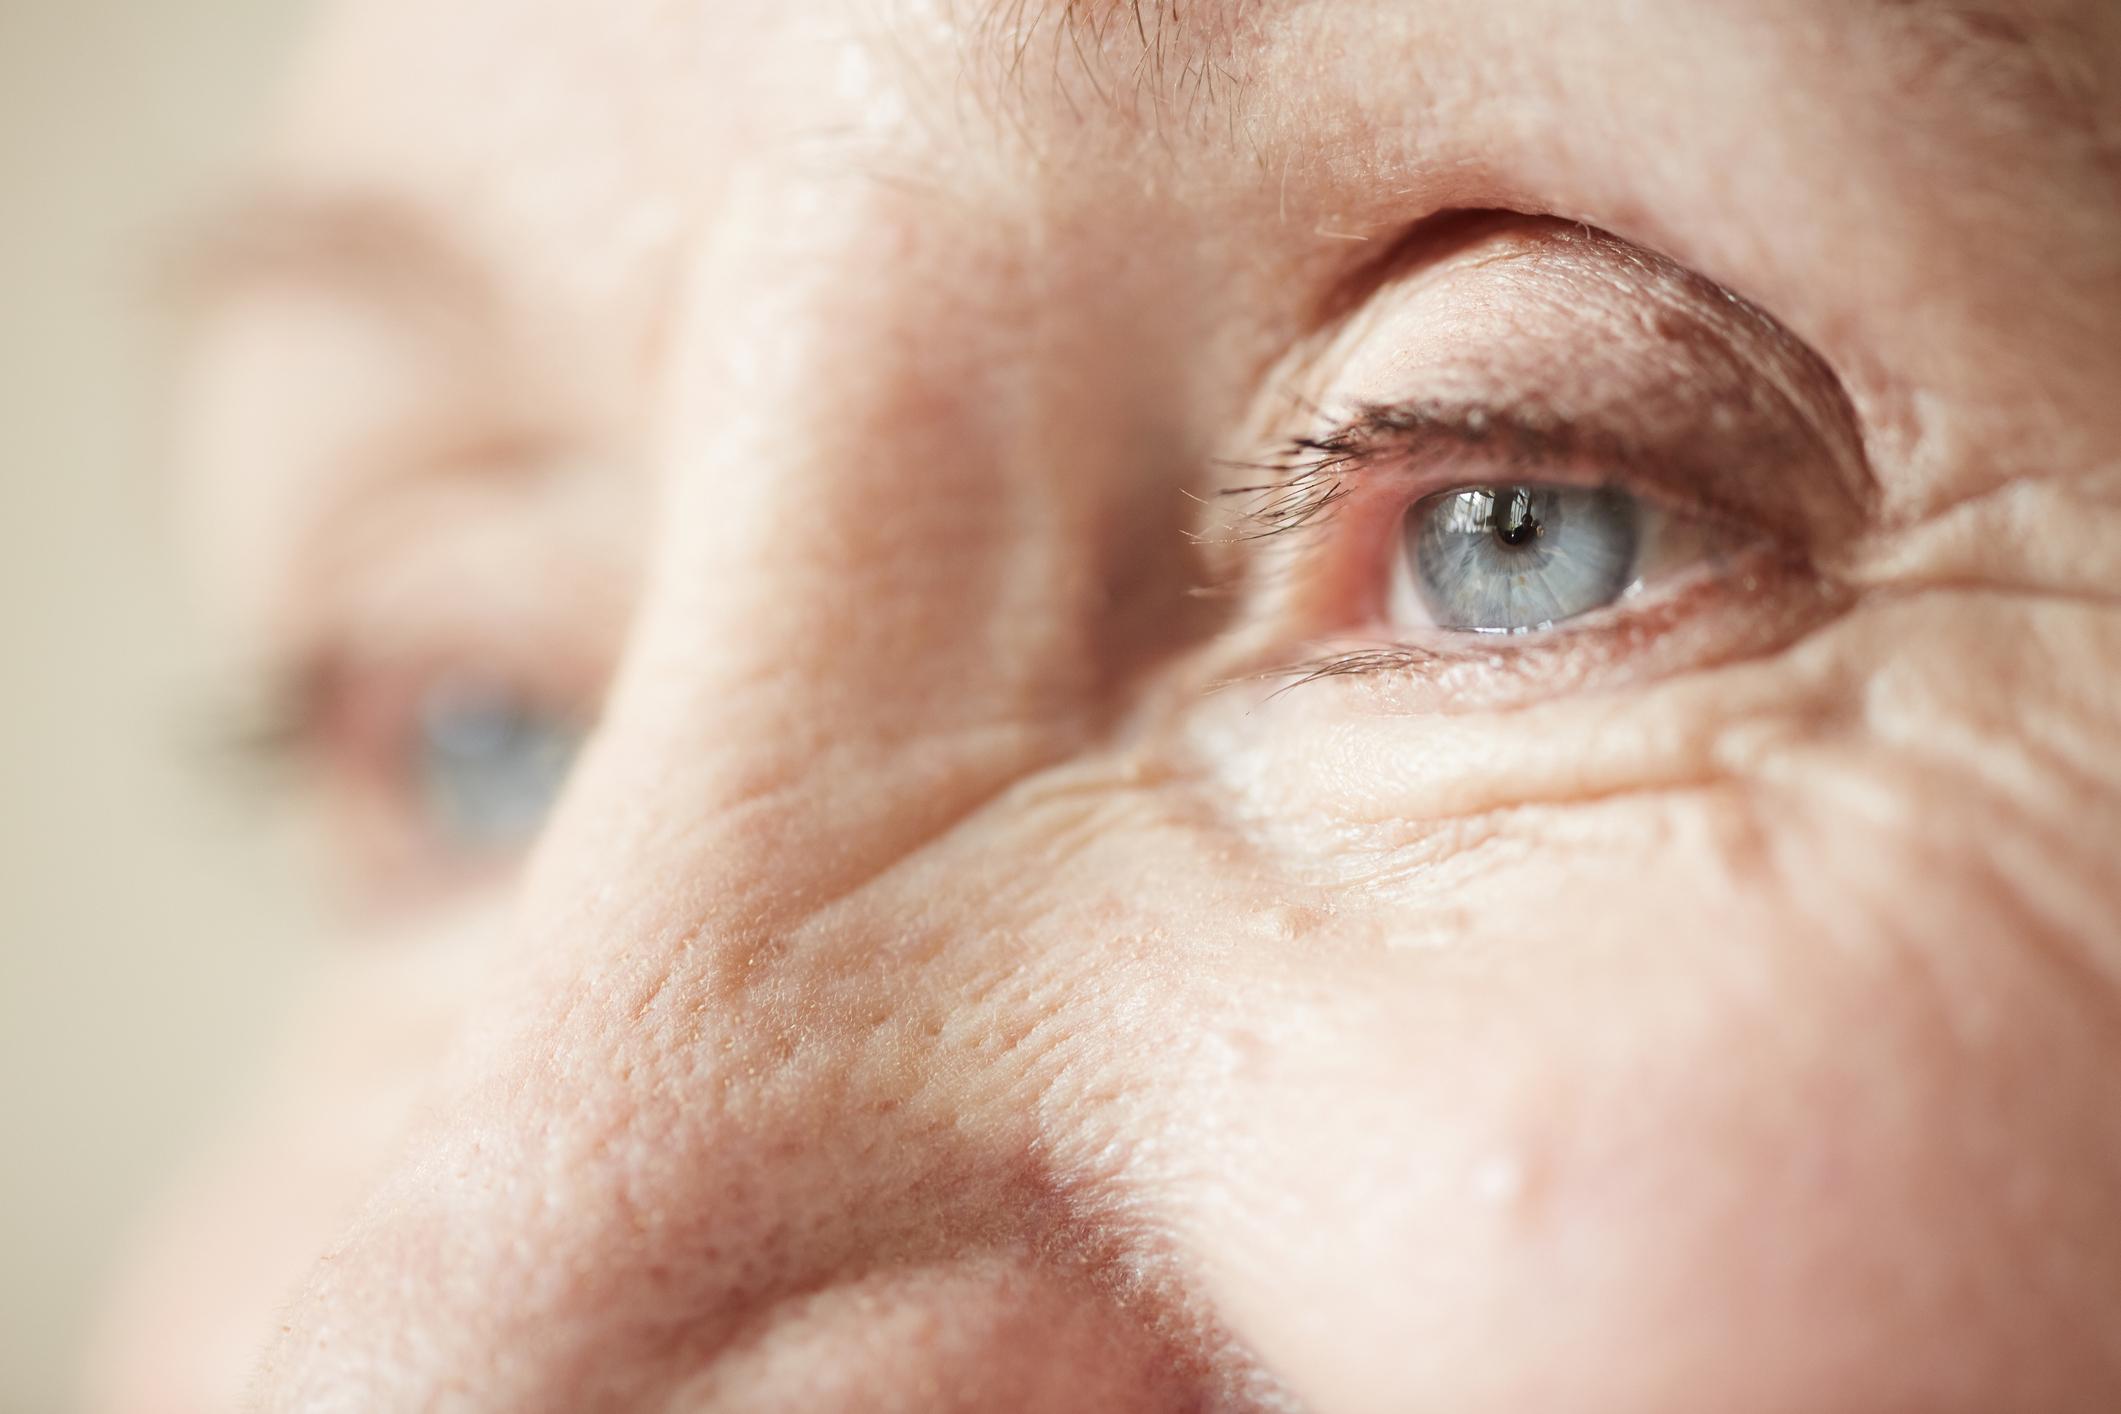 nagy vörös foltok a testen viszketőek és forrók spray skin cap for psoriasis reviews